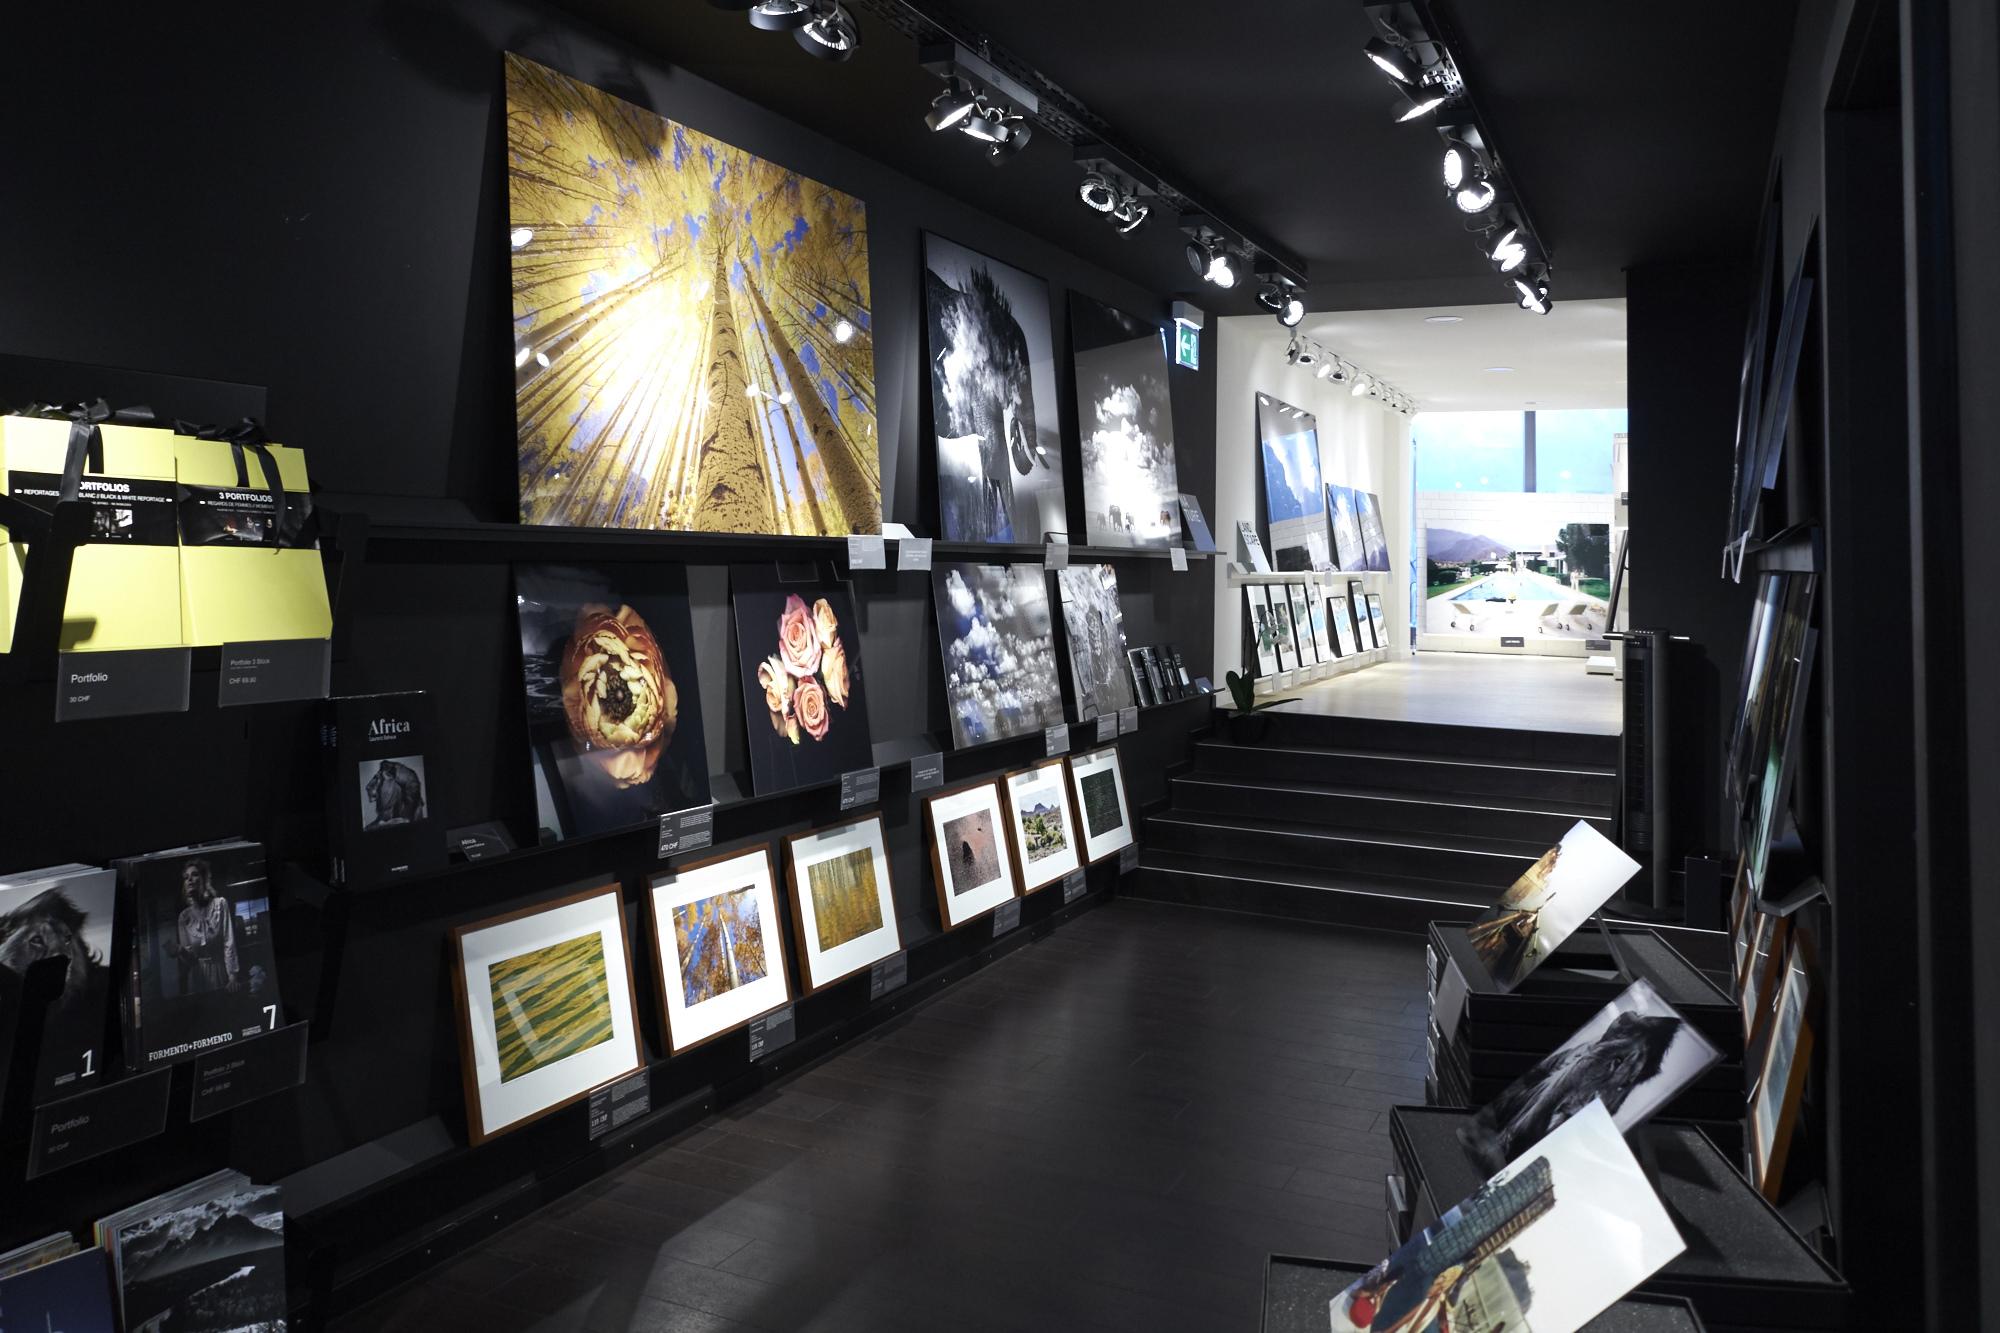 Der «YellowKorner» präsentiert Fotografien aus der ganzen Welt.